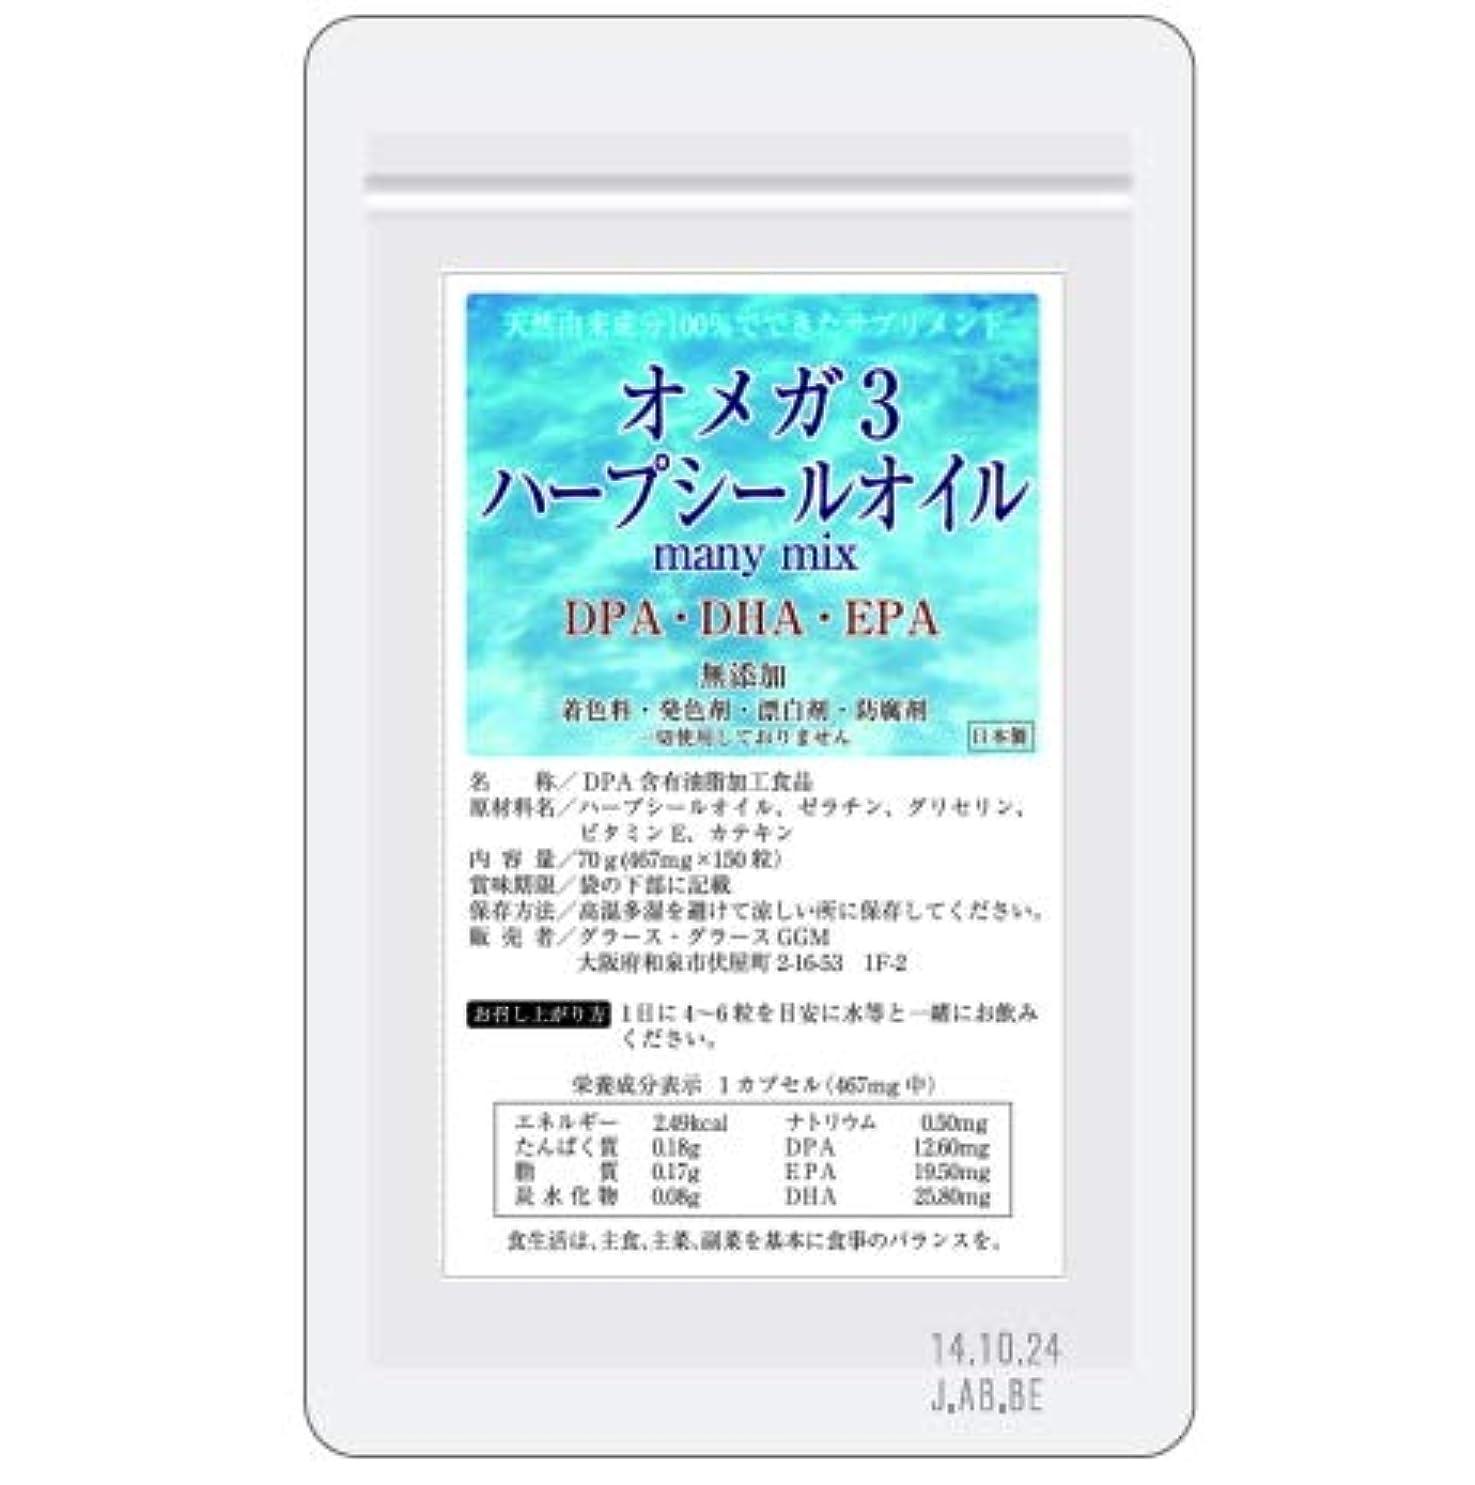 ボトルネック請願者教師の日オメガ3 ハープシールオイル(アザラシオイル) many mix 150粒